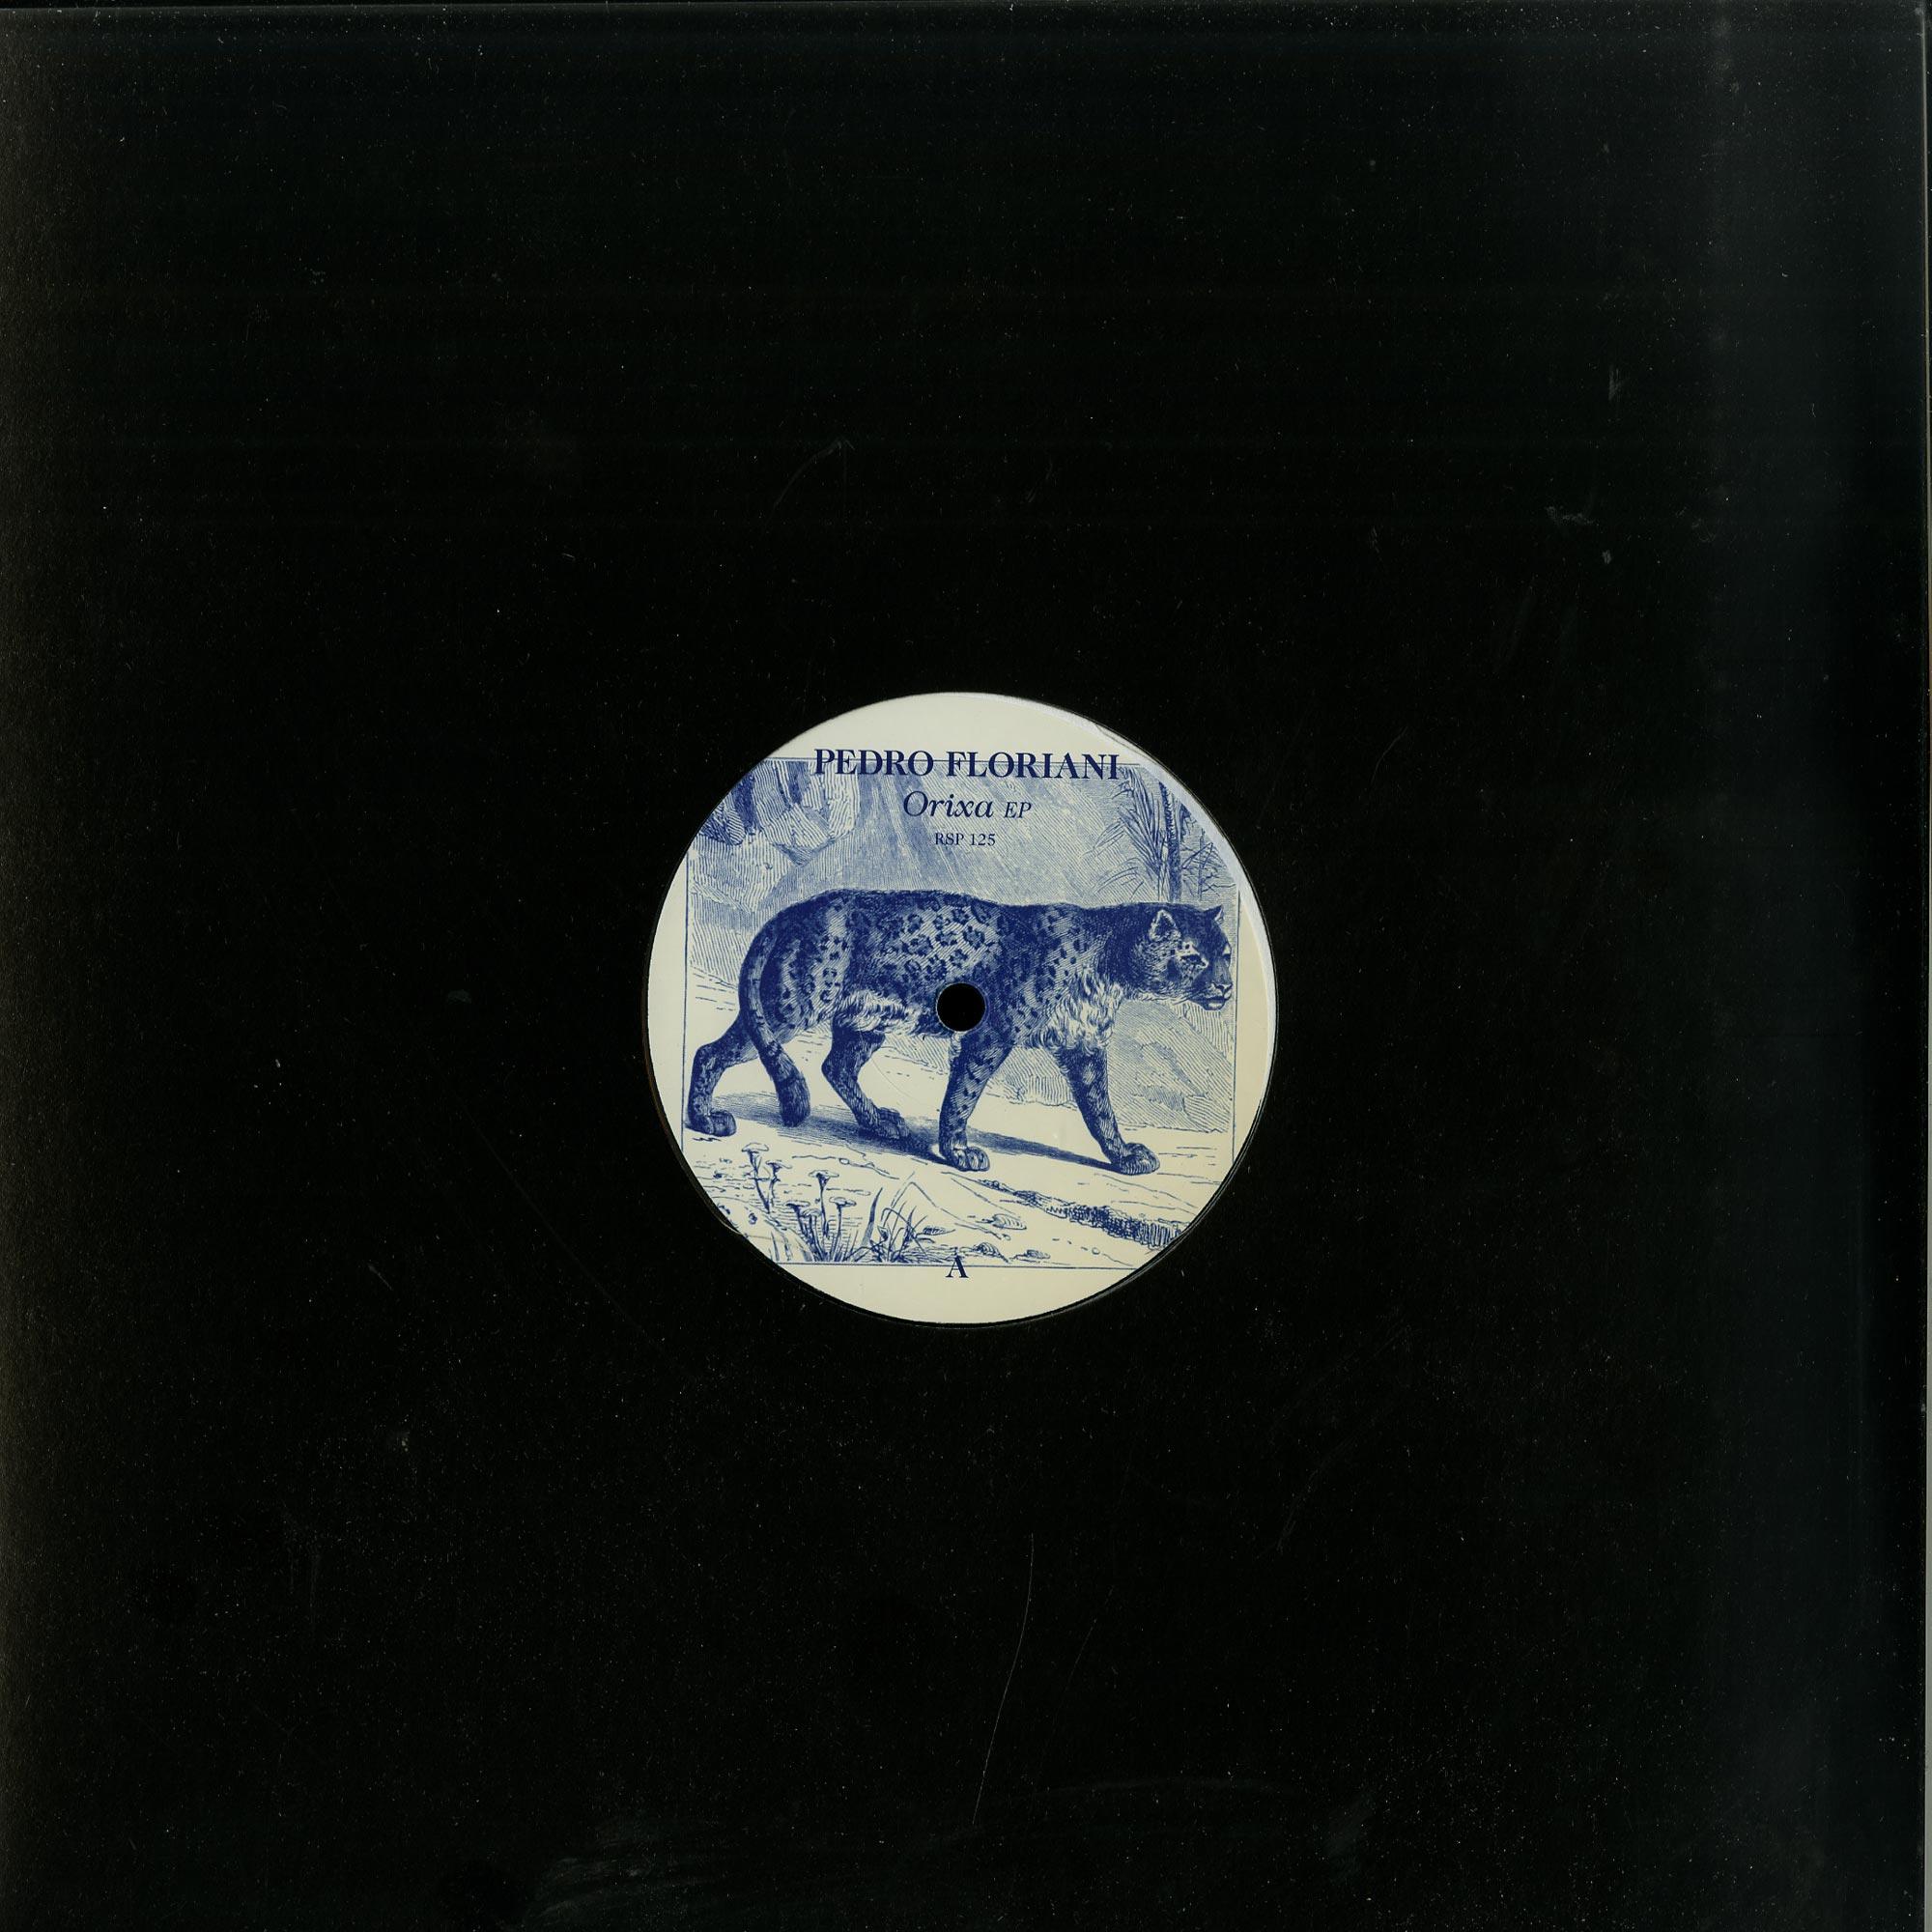 Pedro Floriani - ORIXA EP